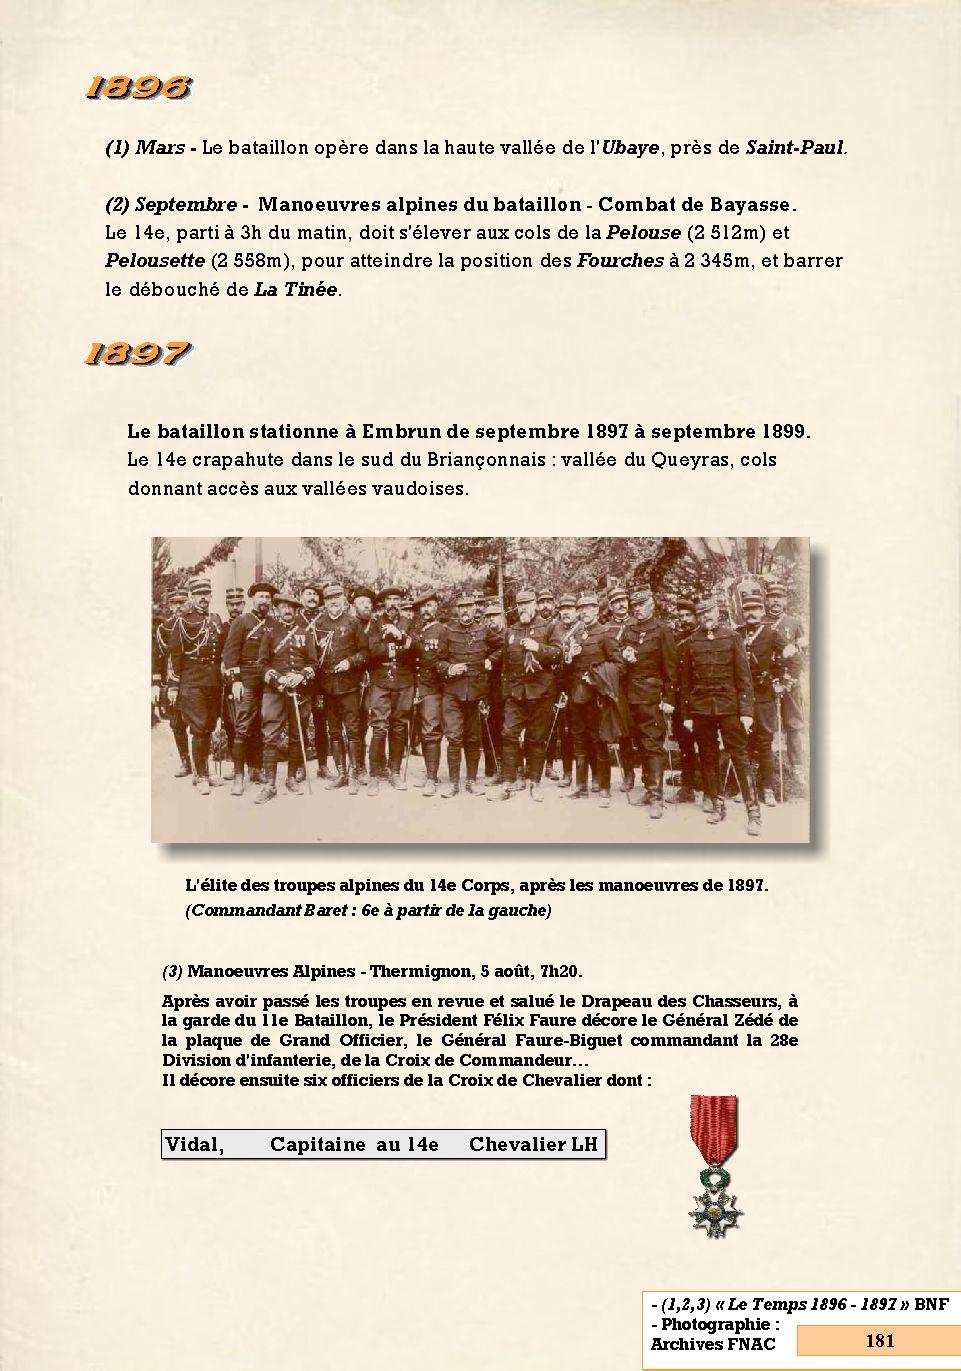 L'Historique du 14e Bataillon de Chasseurs. 1854 - 1962 Page_101